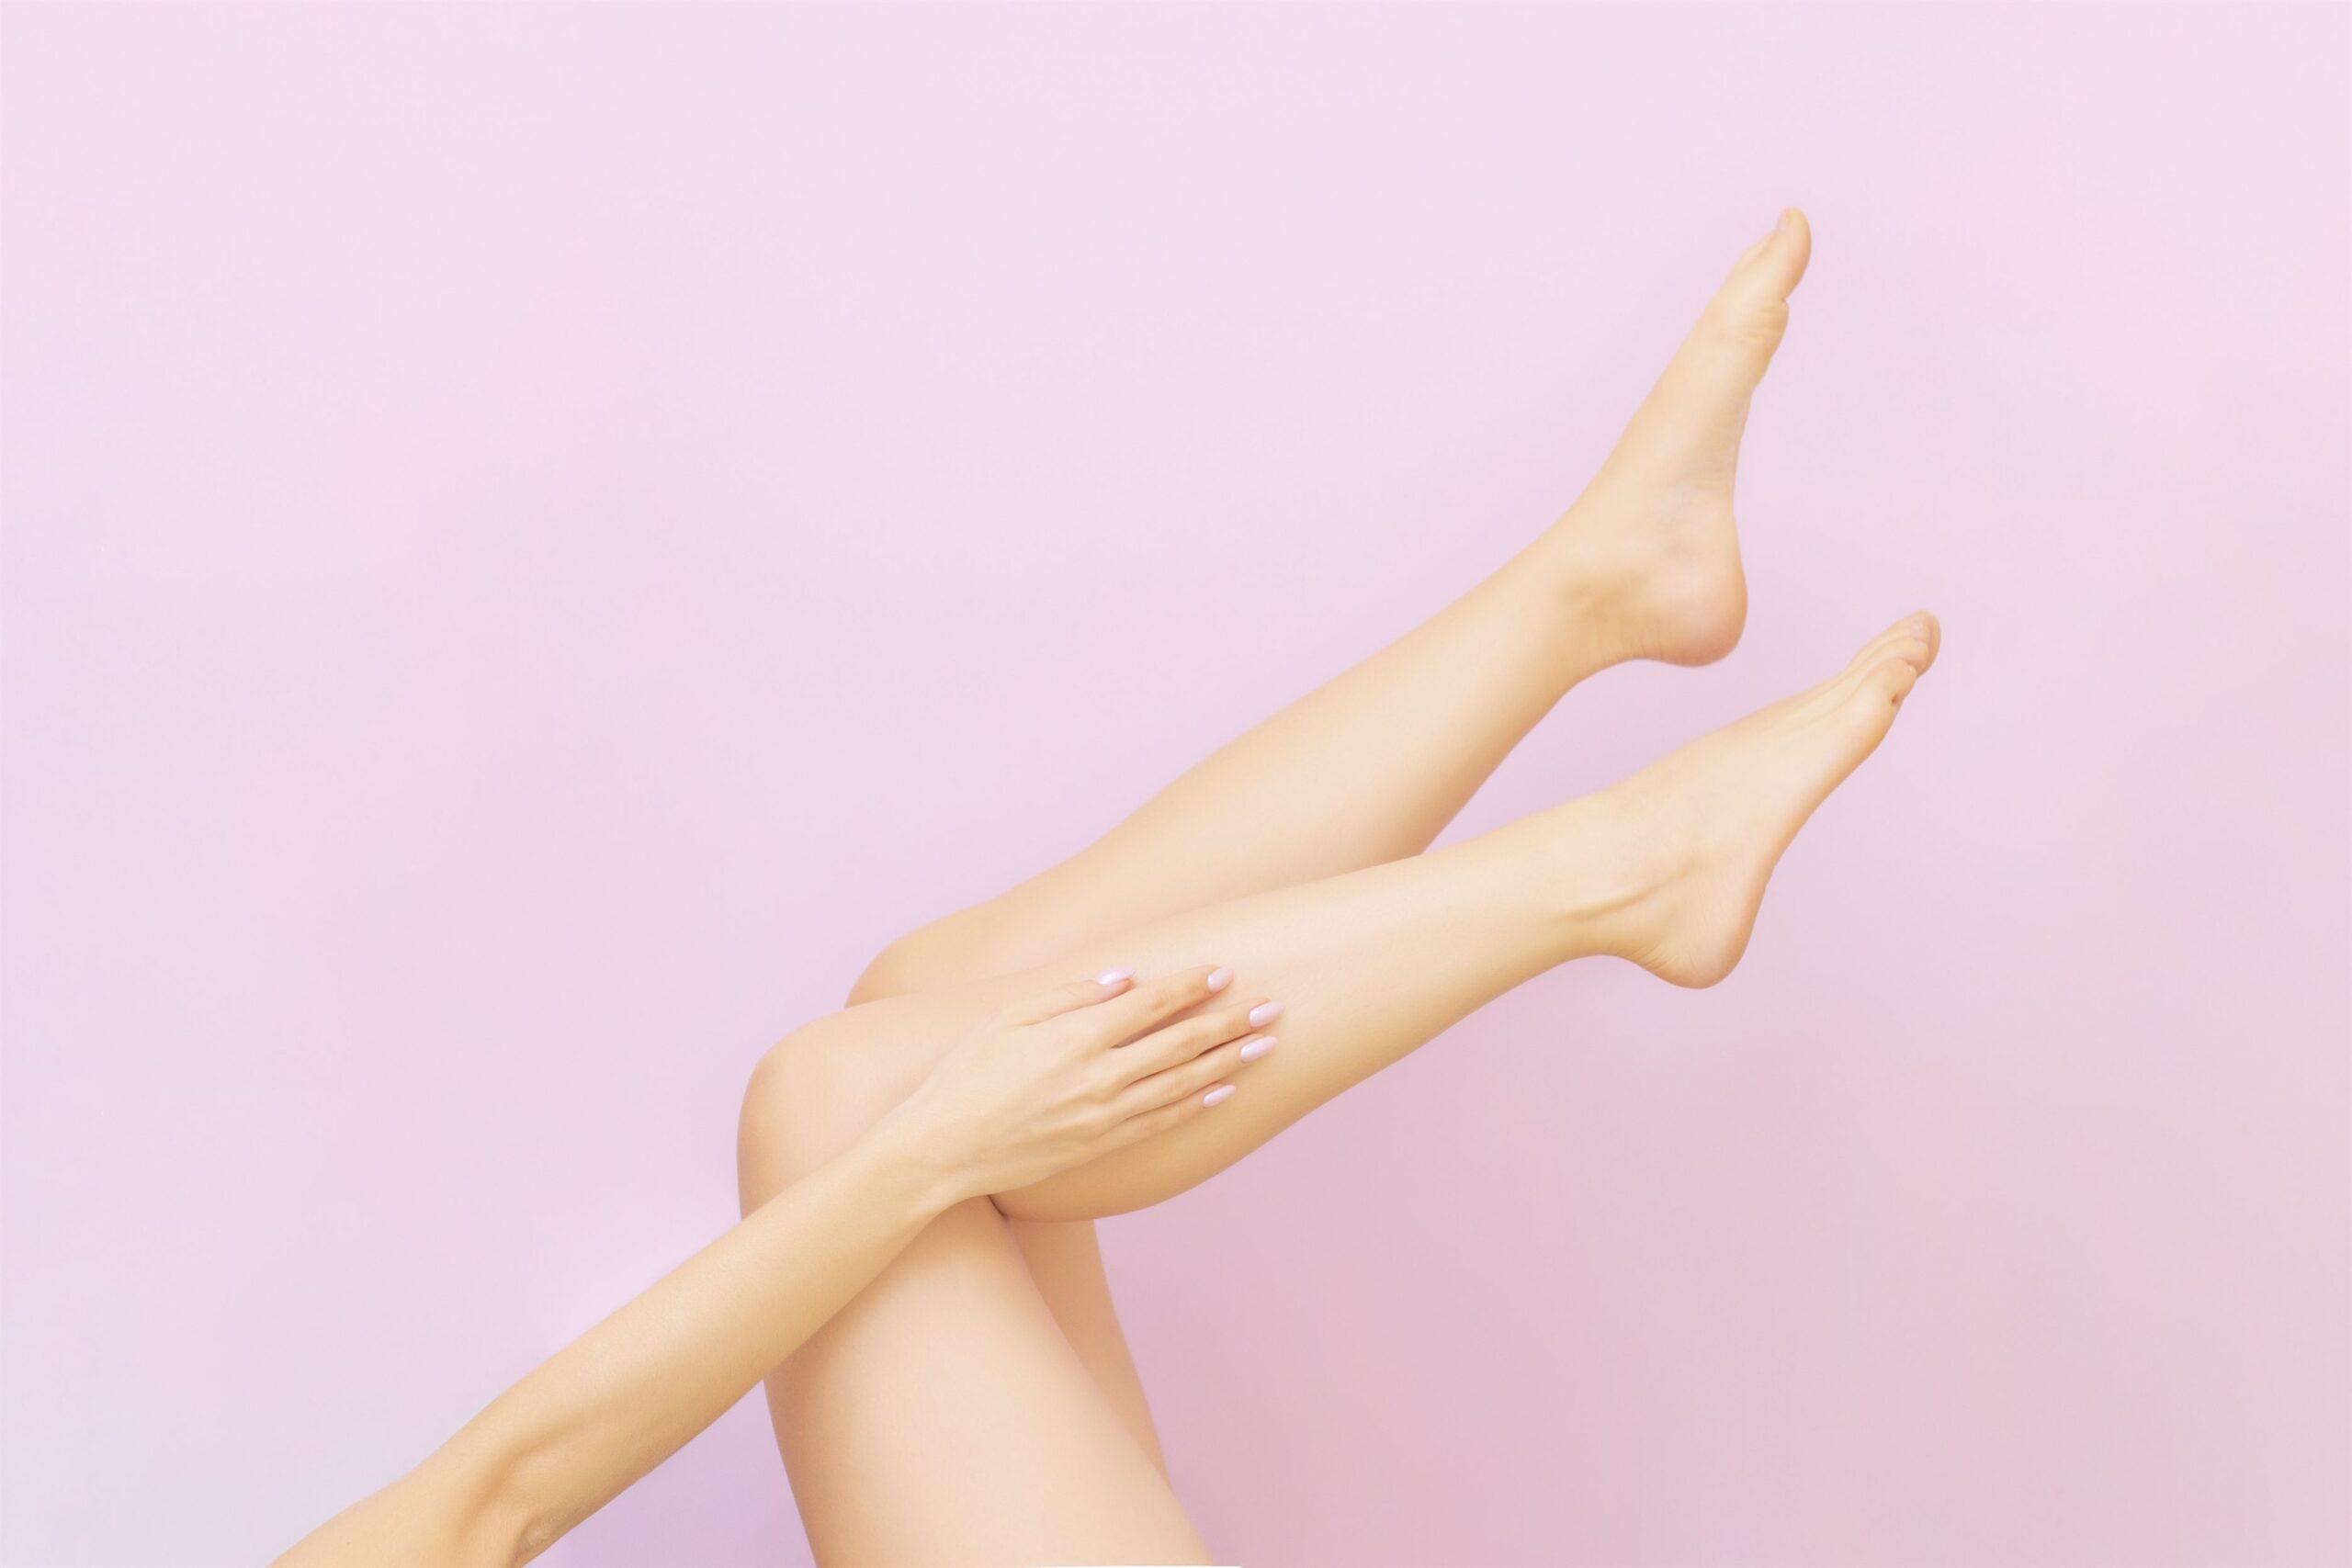 15 Best Braun Epilators For Smooth & Silky Skin [ 2021 ]